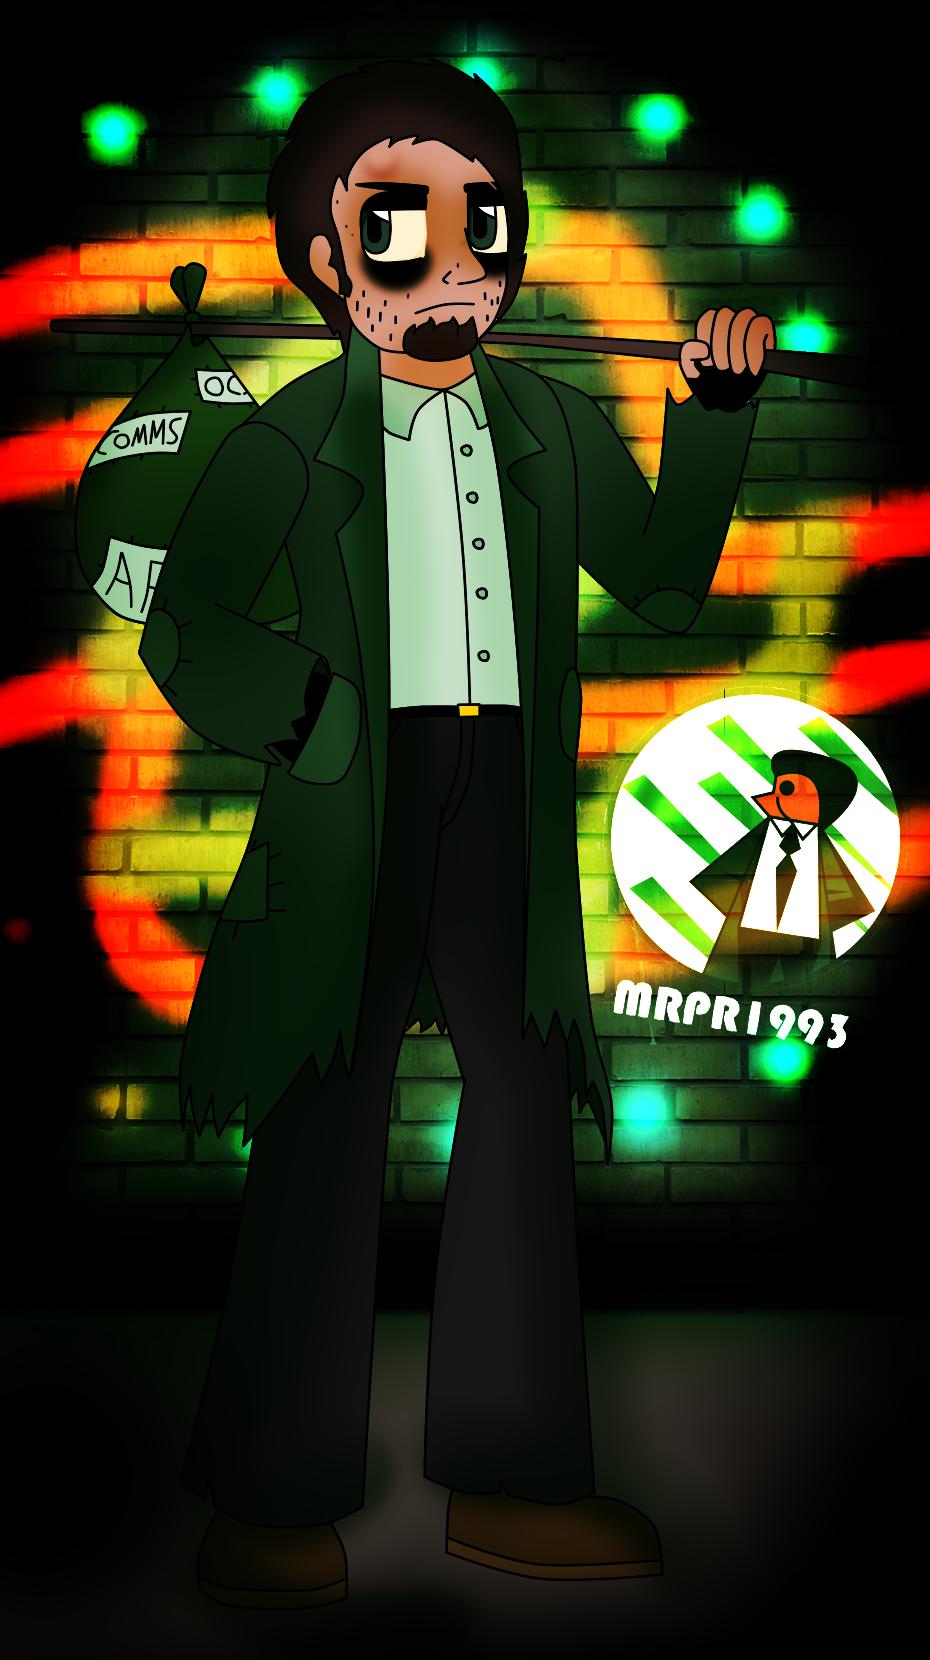 MrPr1993's Profile Picture